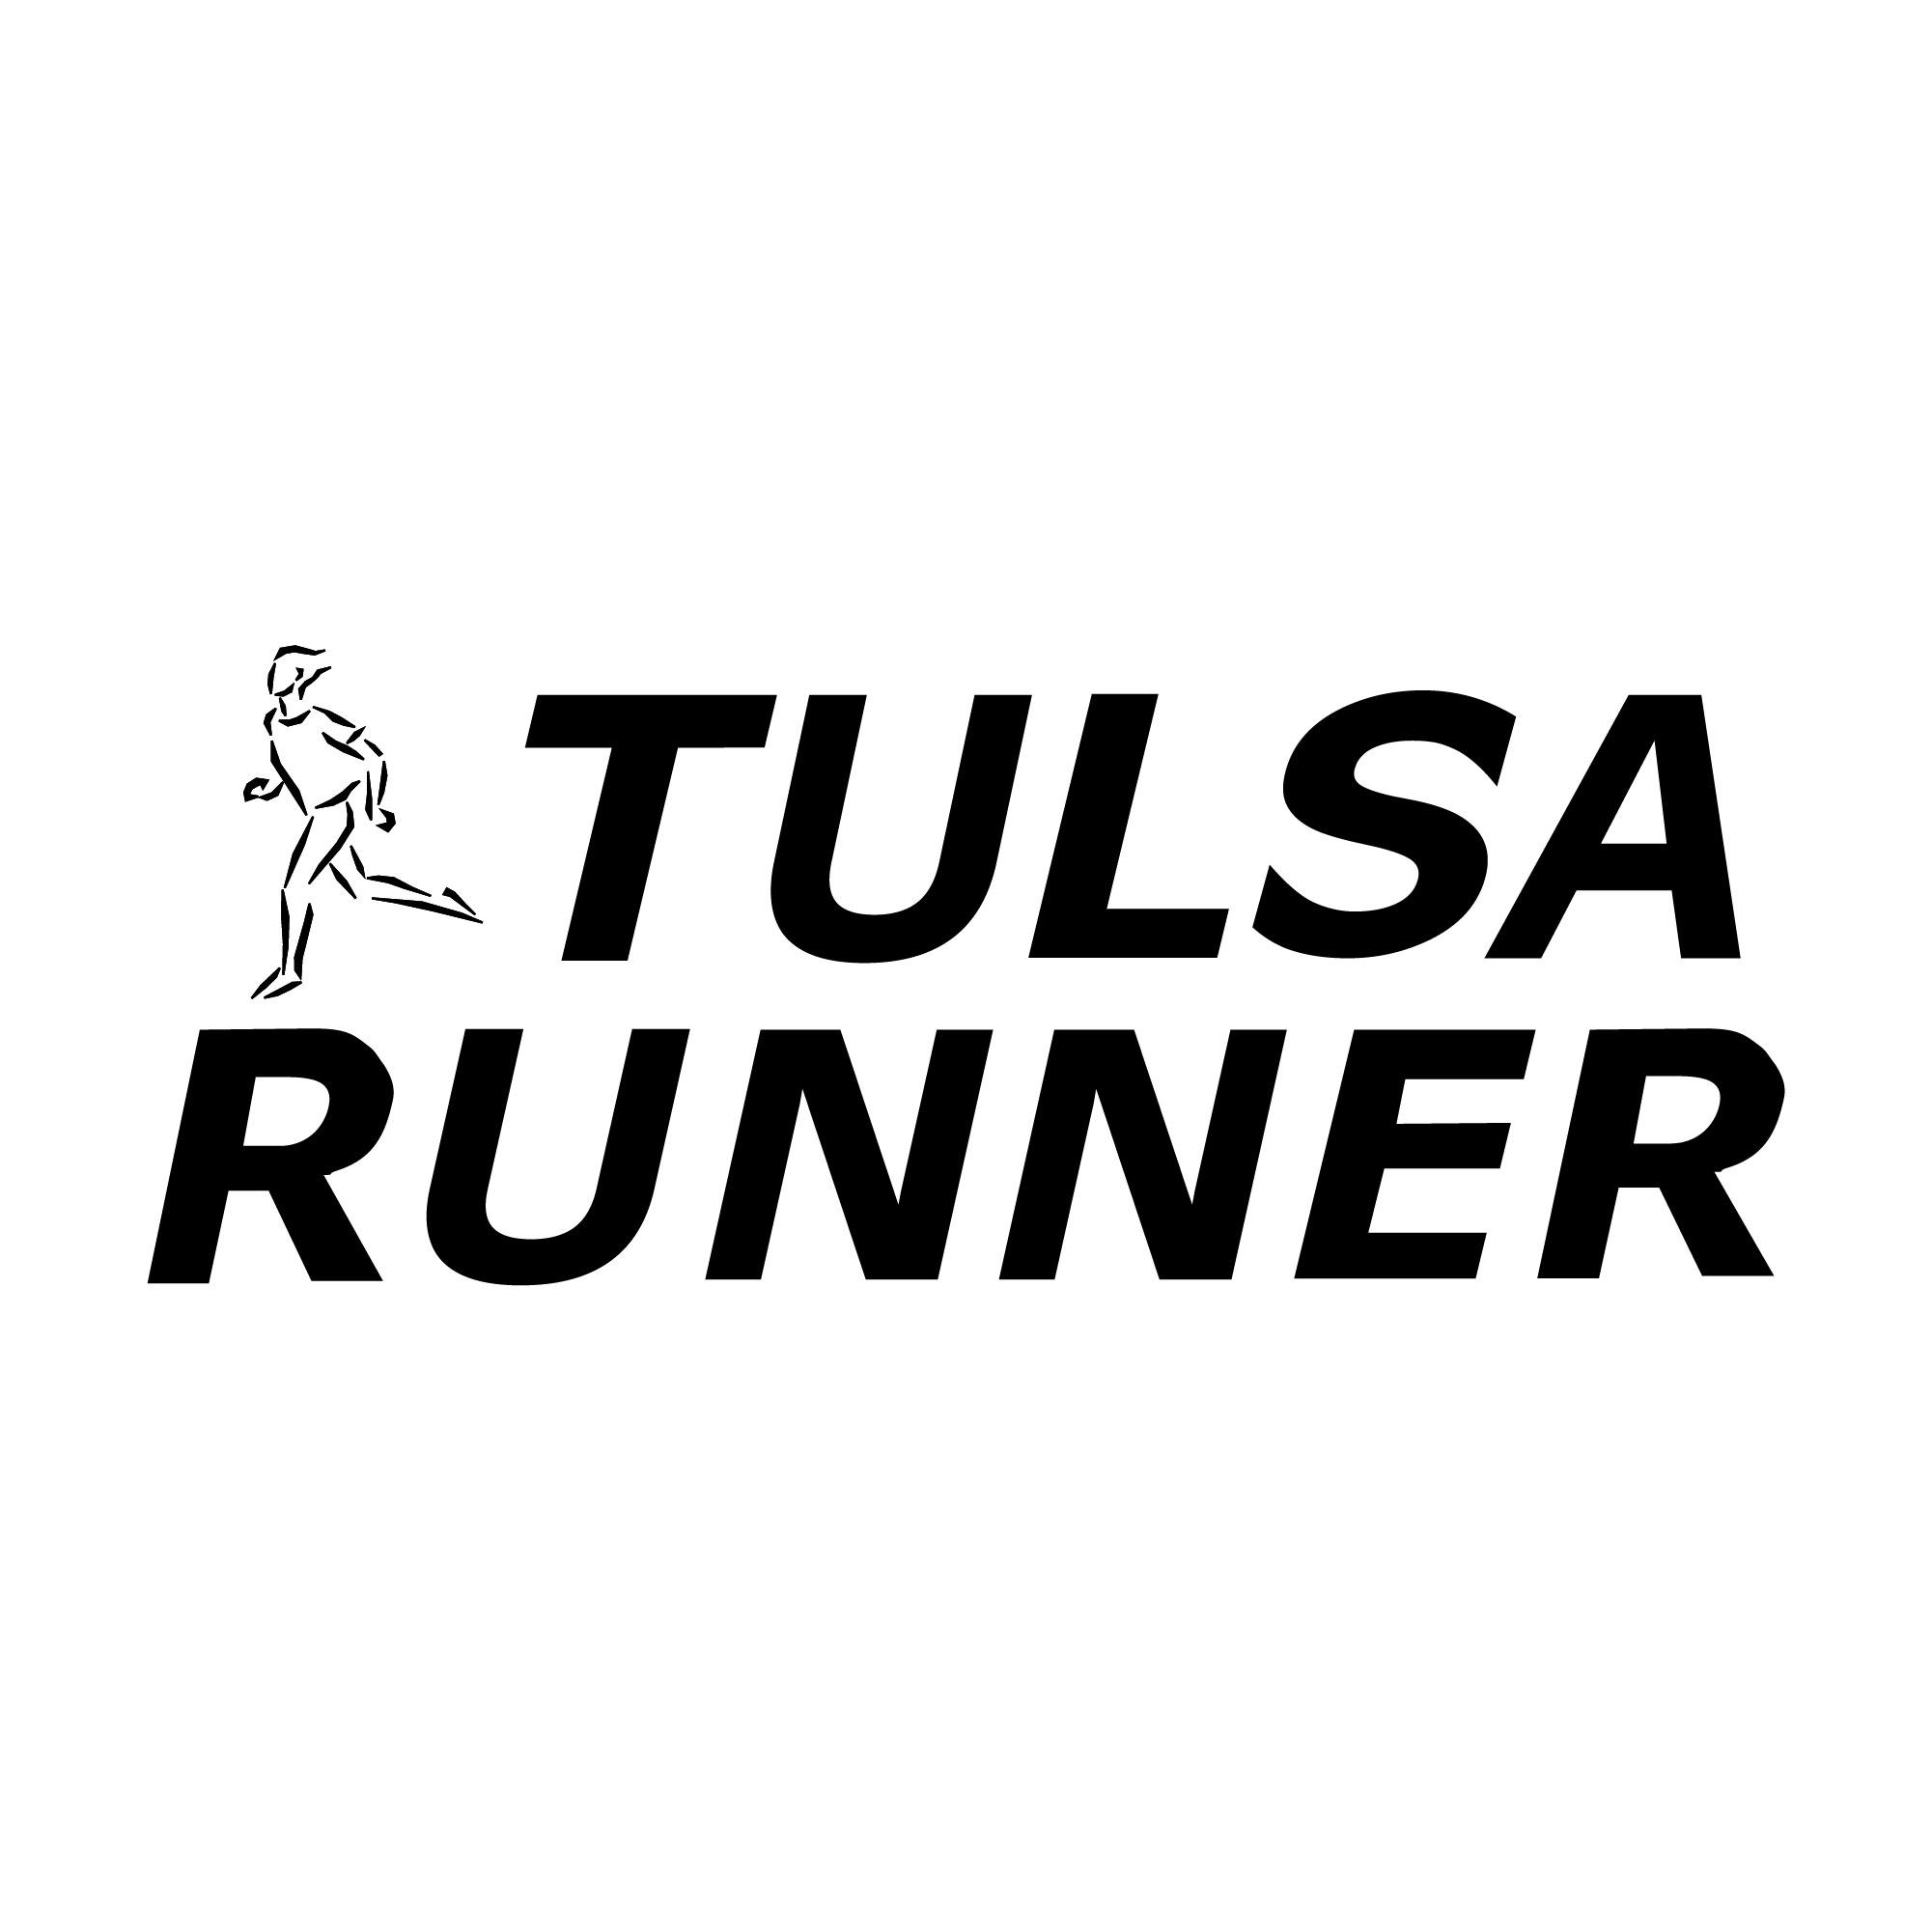 square logos_Tulsa runner.jpg